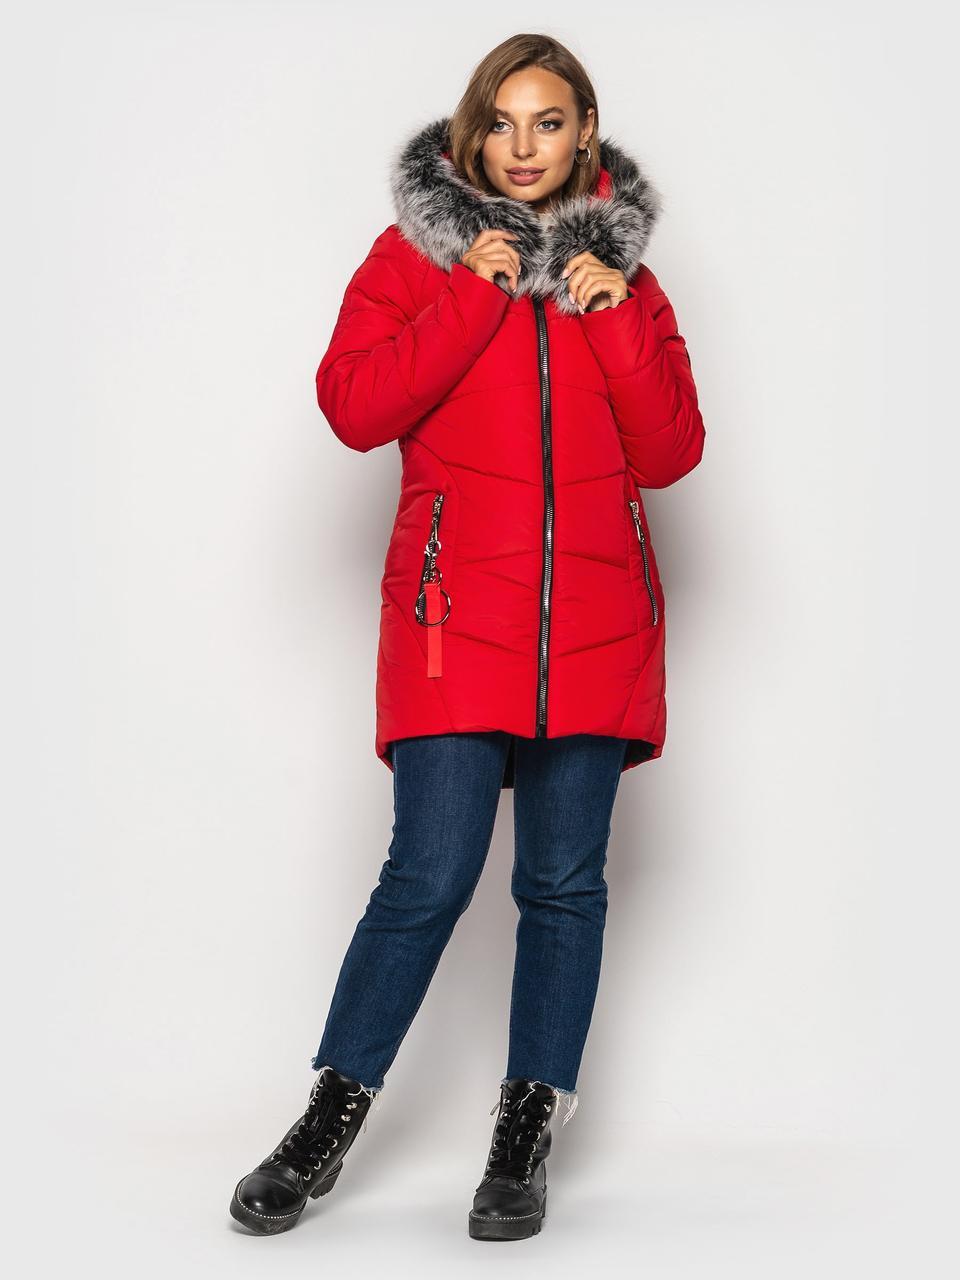 Теплая зимняя куртка Инесса красный(44-54)